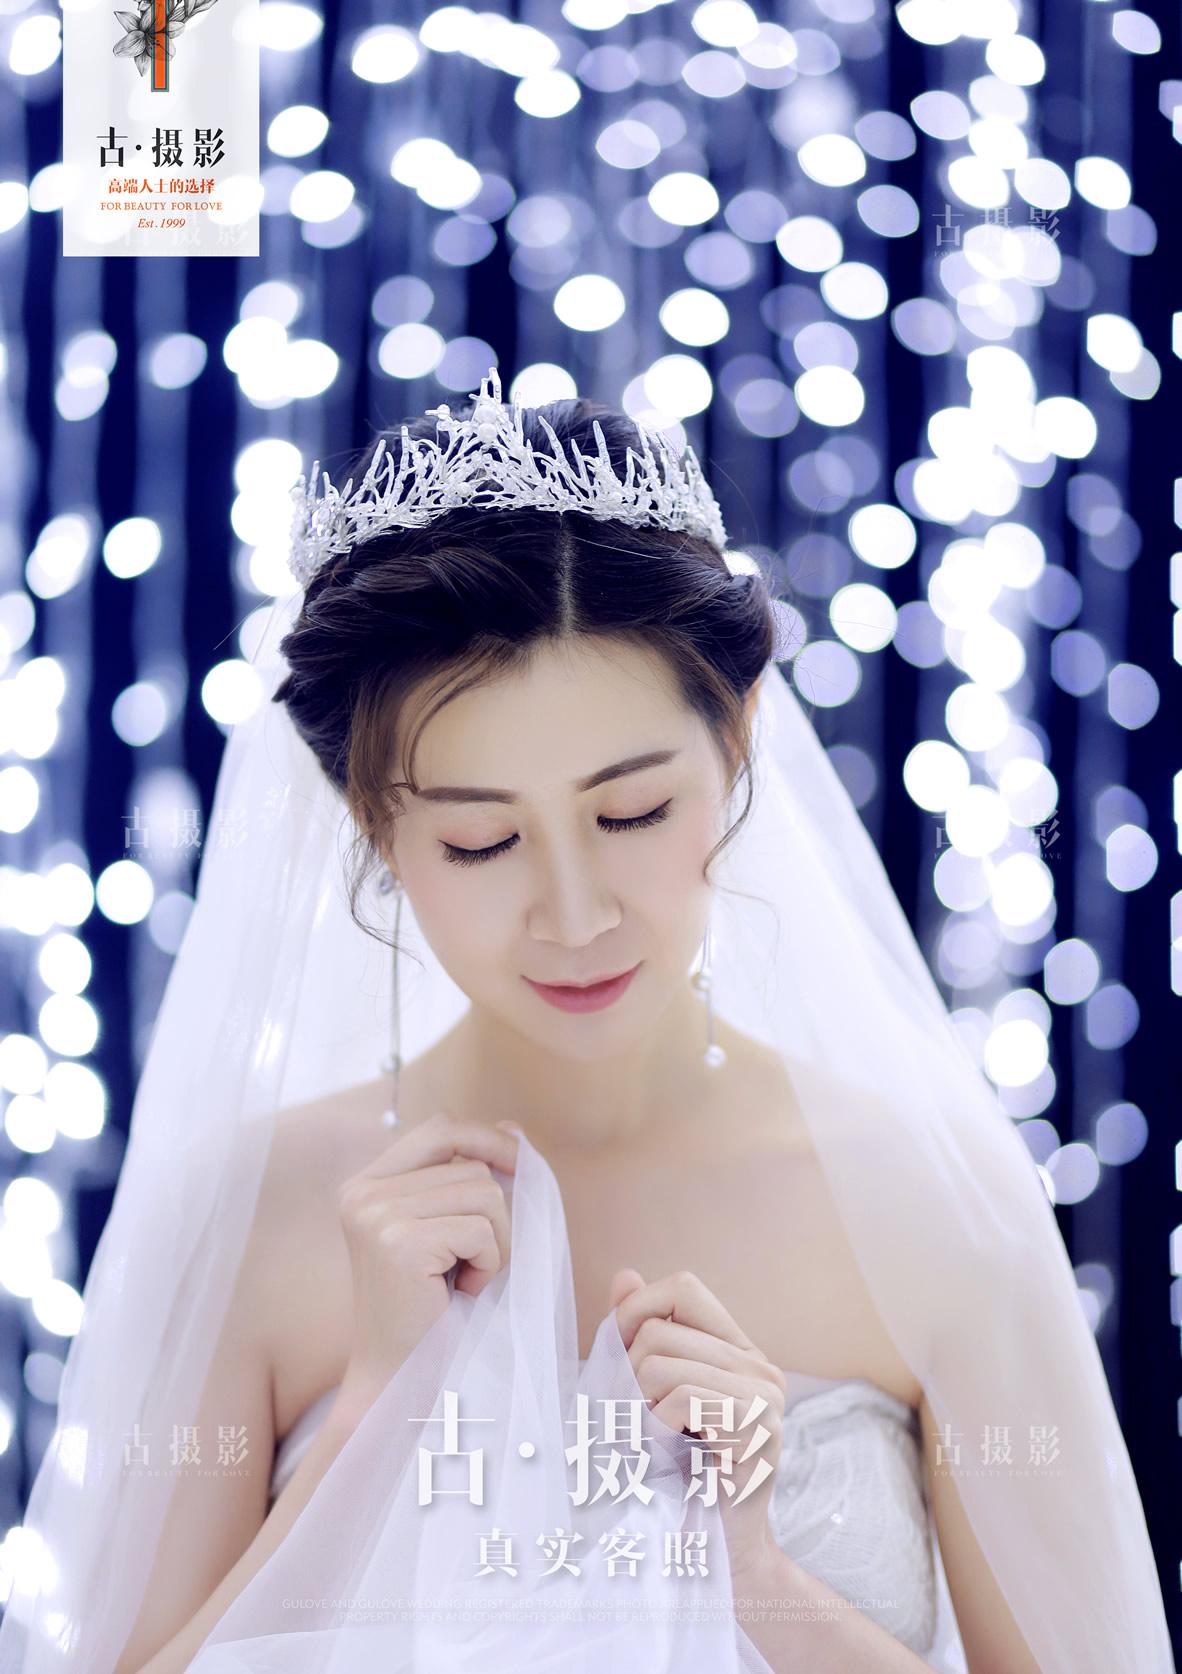 4月20日客片谢先生 吴小姐 - 每日客照 - love昆明古摄影-昆明婚纱摄影网